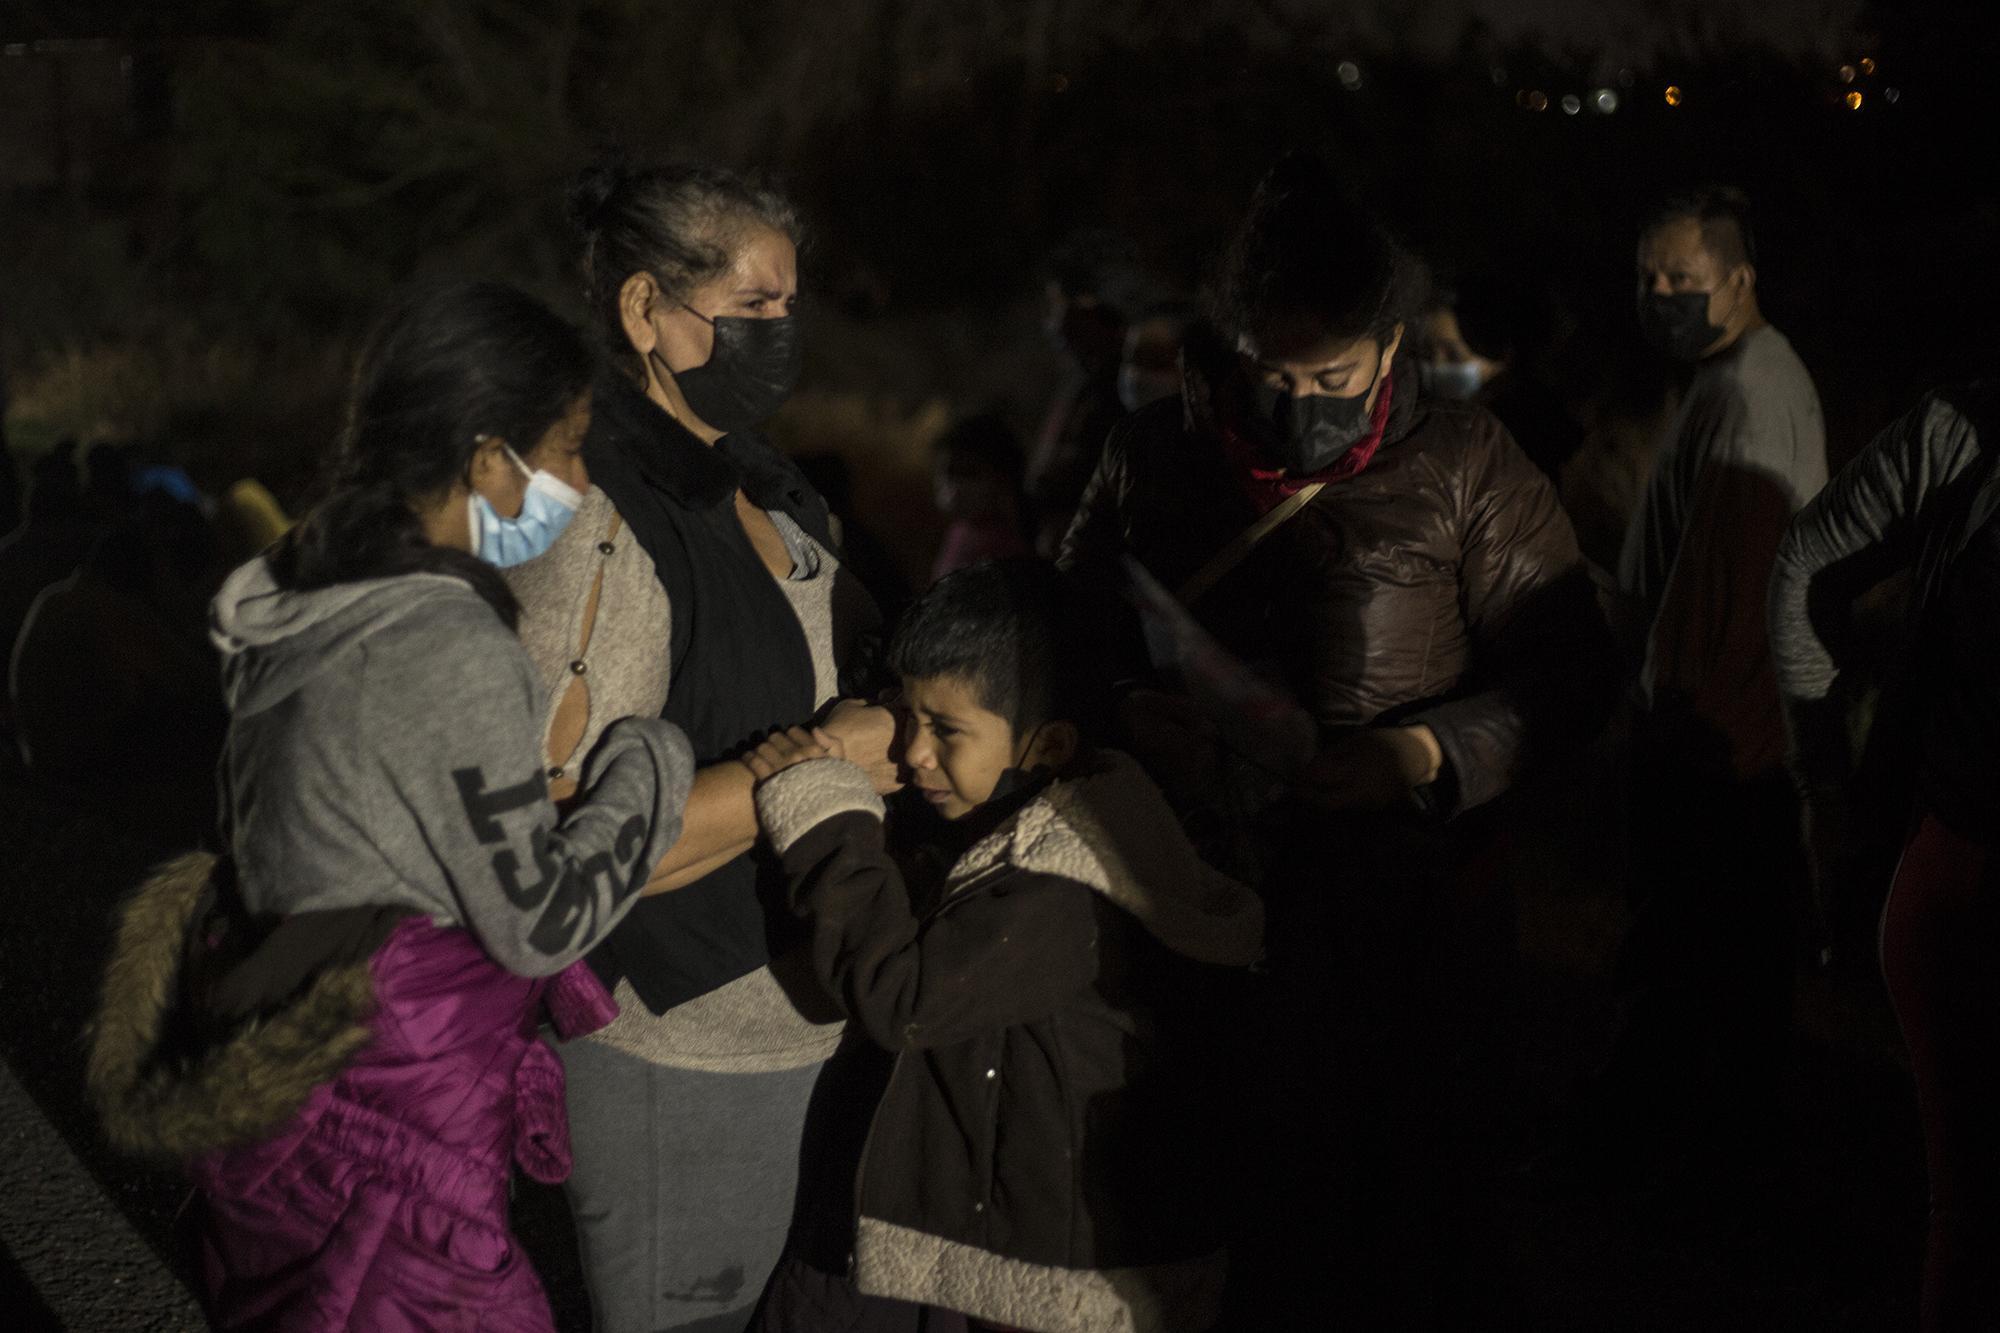 """Tres niños lloran y abrazan a su abuela materna, quien corrió asustada al ver a los agentes de la Patrulla Fronteriza. Tras el intento de escape, la separaron de grupo y, unas horas después, la trasladaron bajo detención. Es una familia de cinco hondureños que huye de la violencia de su país. """"Ella es lo único que tengo. Si la regresan, me la van a matar"""", le decía su hija a un agente, mientras todos se aferraban a su matriarca, en horas de la madrugada del 27 de marzo."""